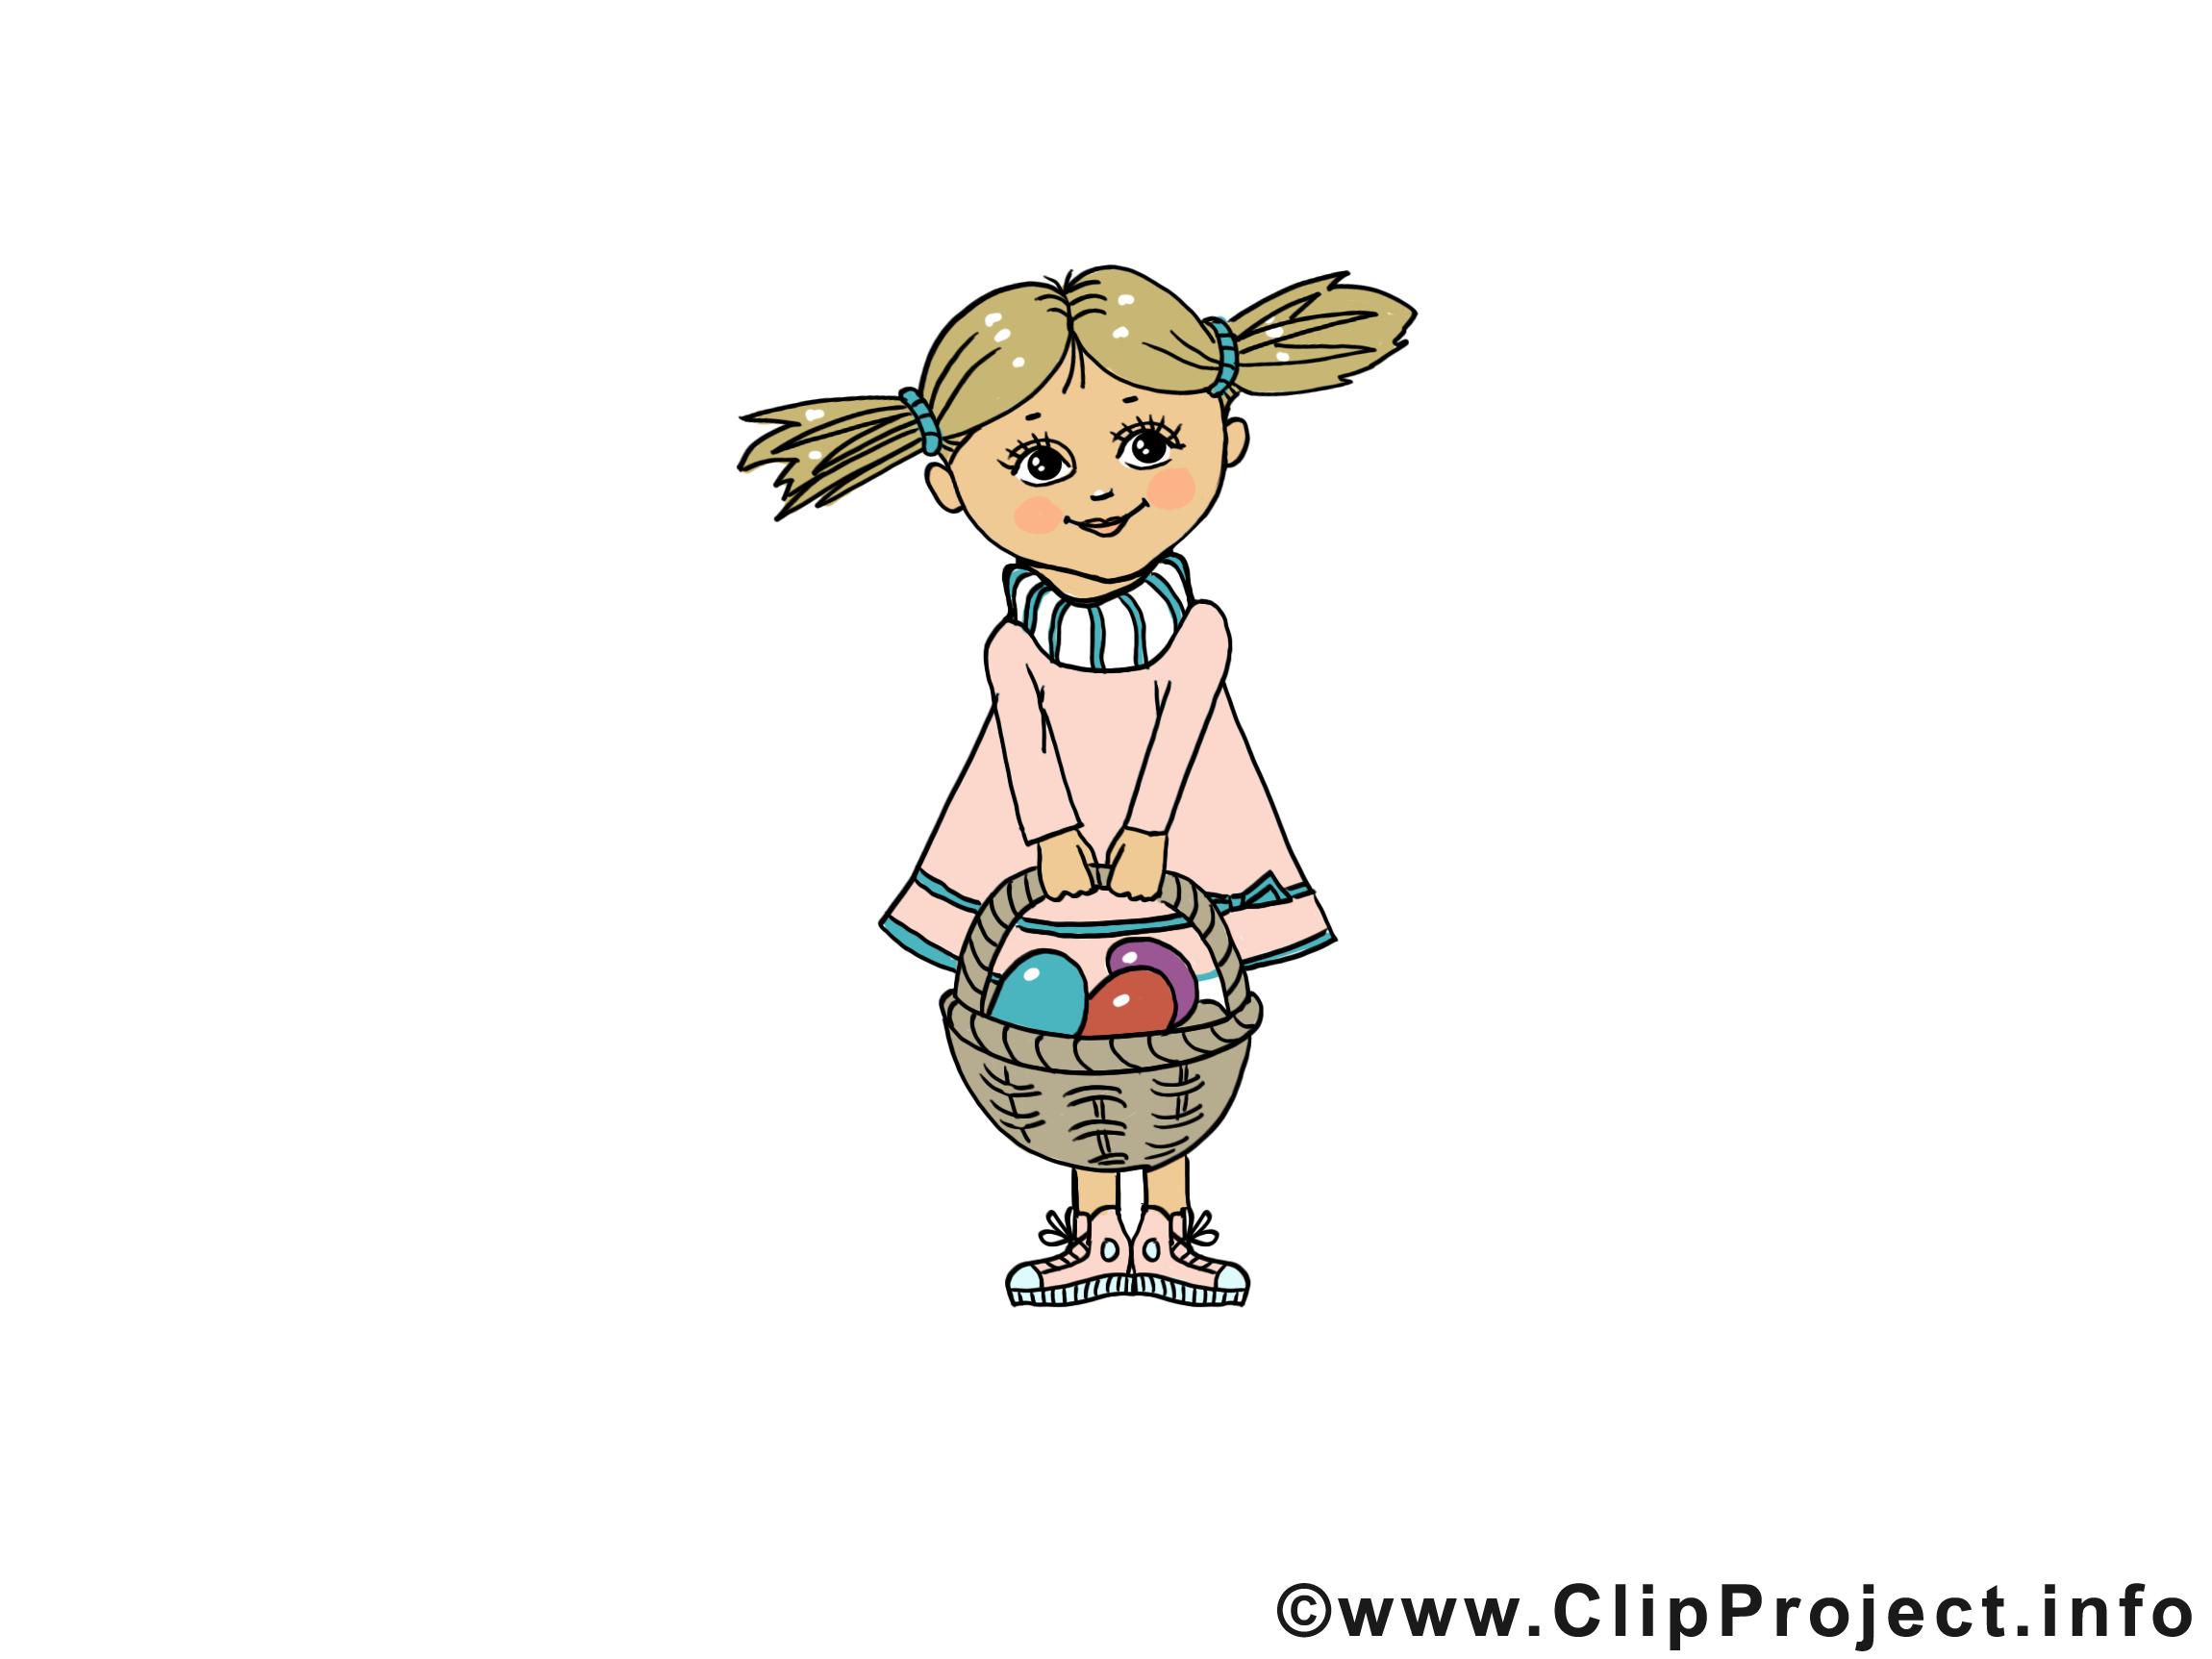 Femme clip arts gratuits - Pâques illustrations